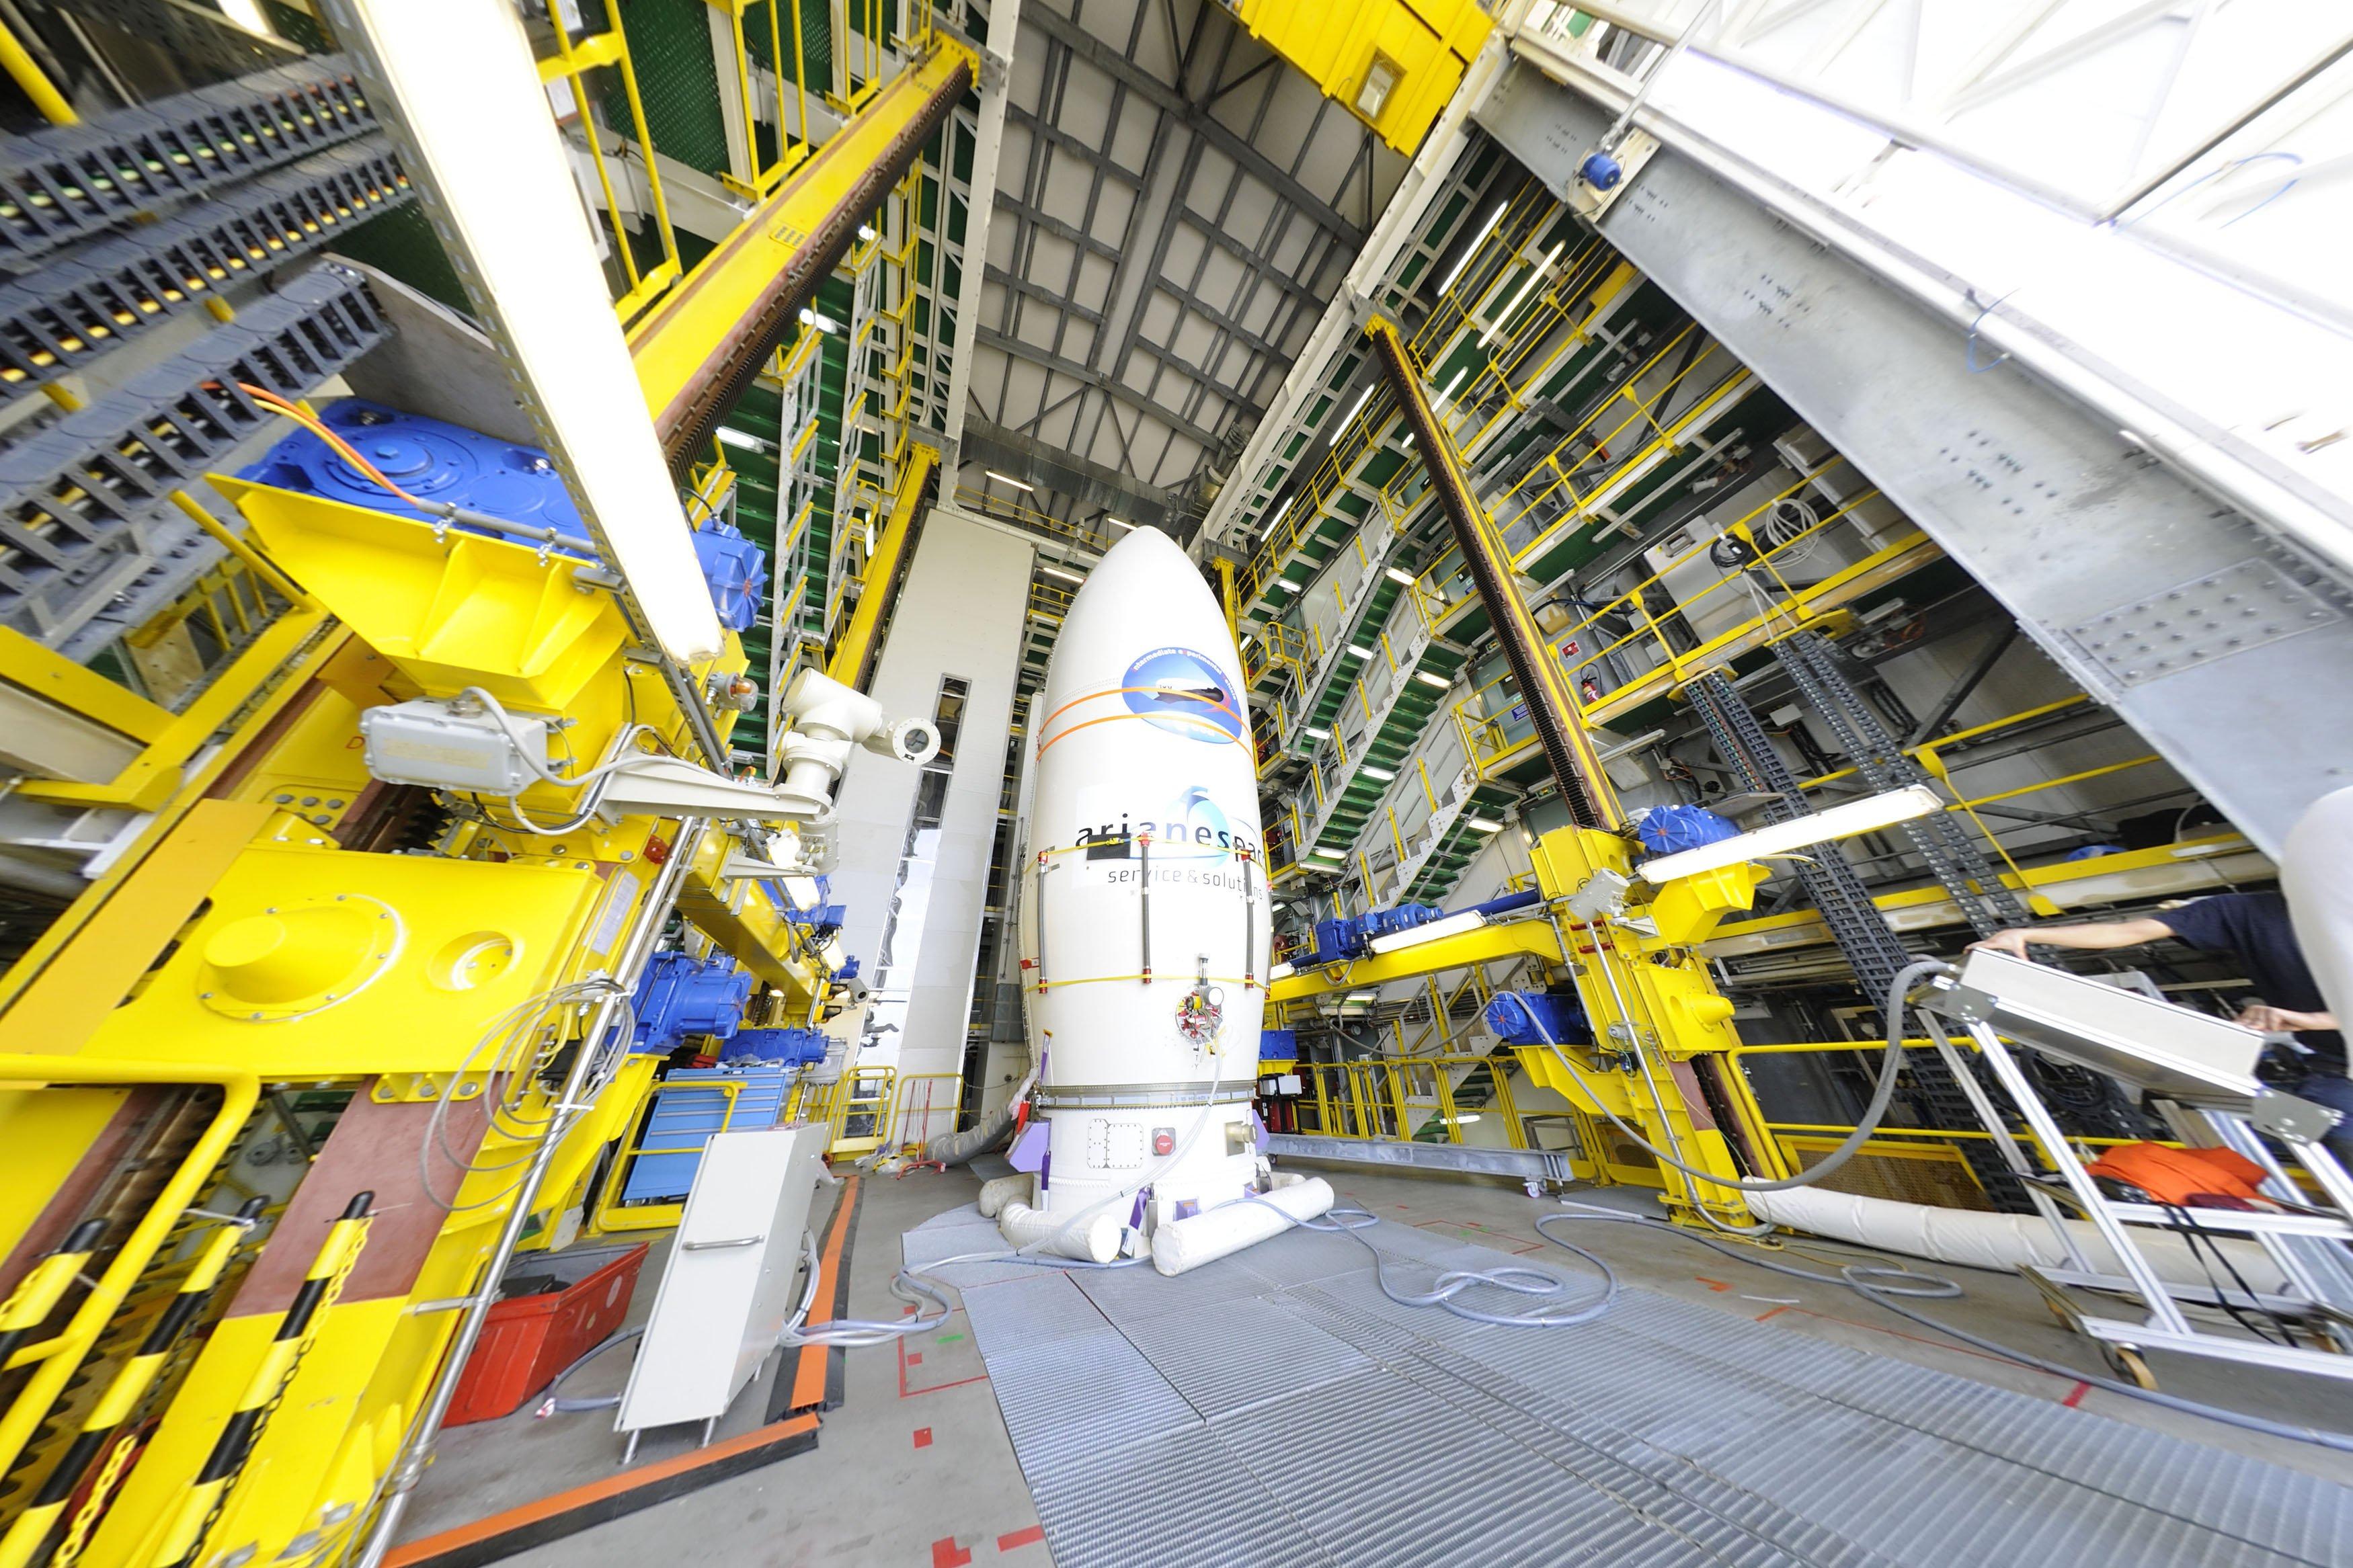 Der experimentelle Weltraumflieger IXV. Er wird mit einer Vega-Rakete ins All geschossen. Und soll unbeschadet wieder auf die Erde zurückkehren.